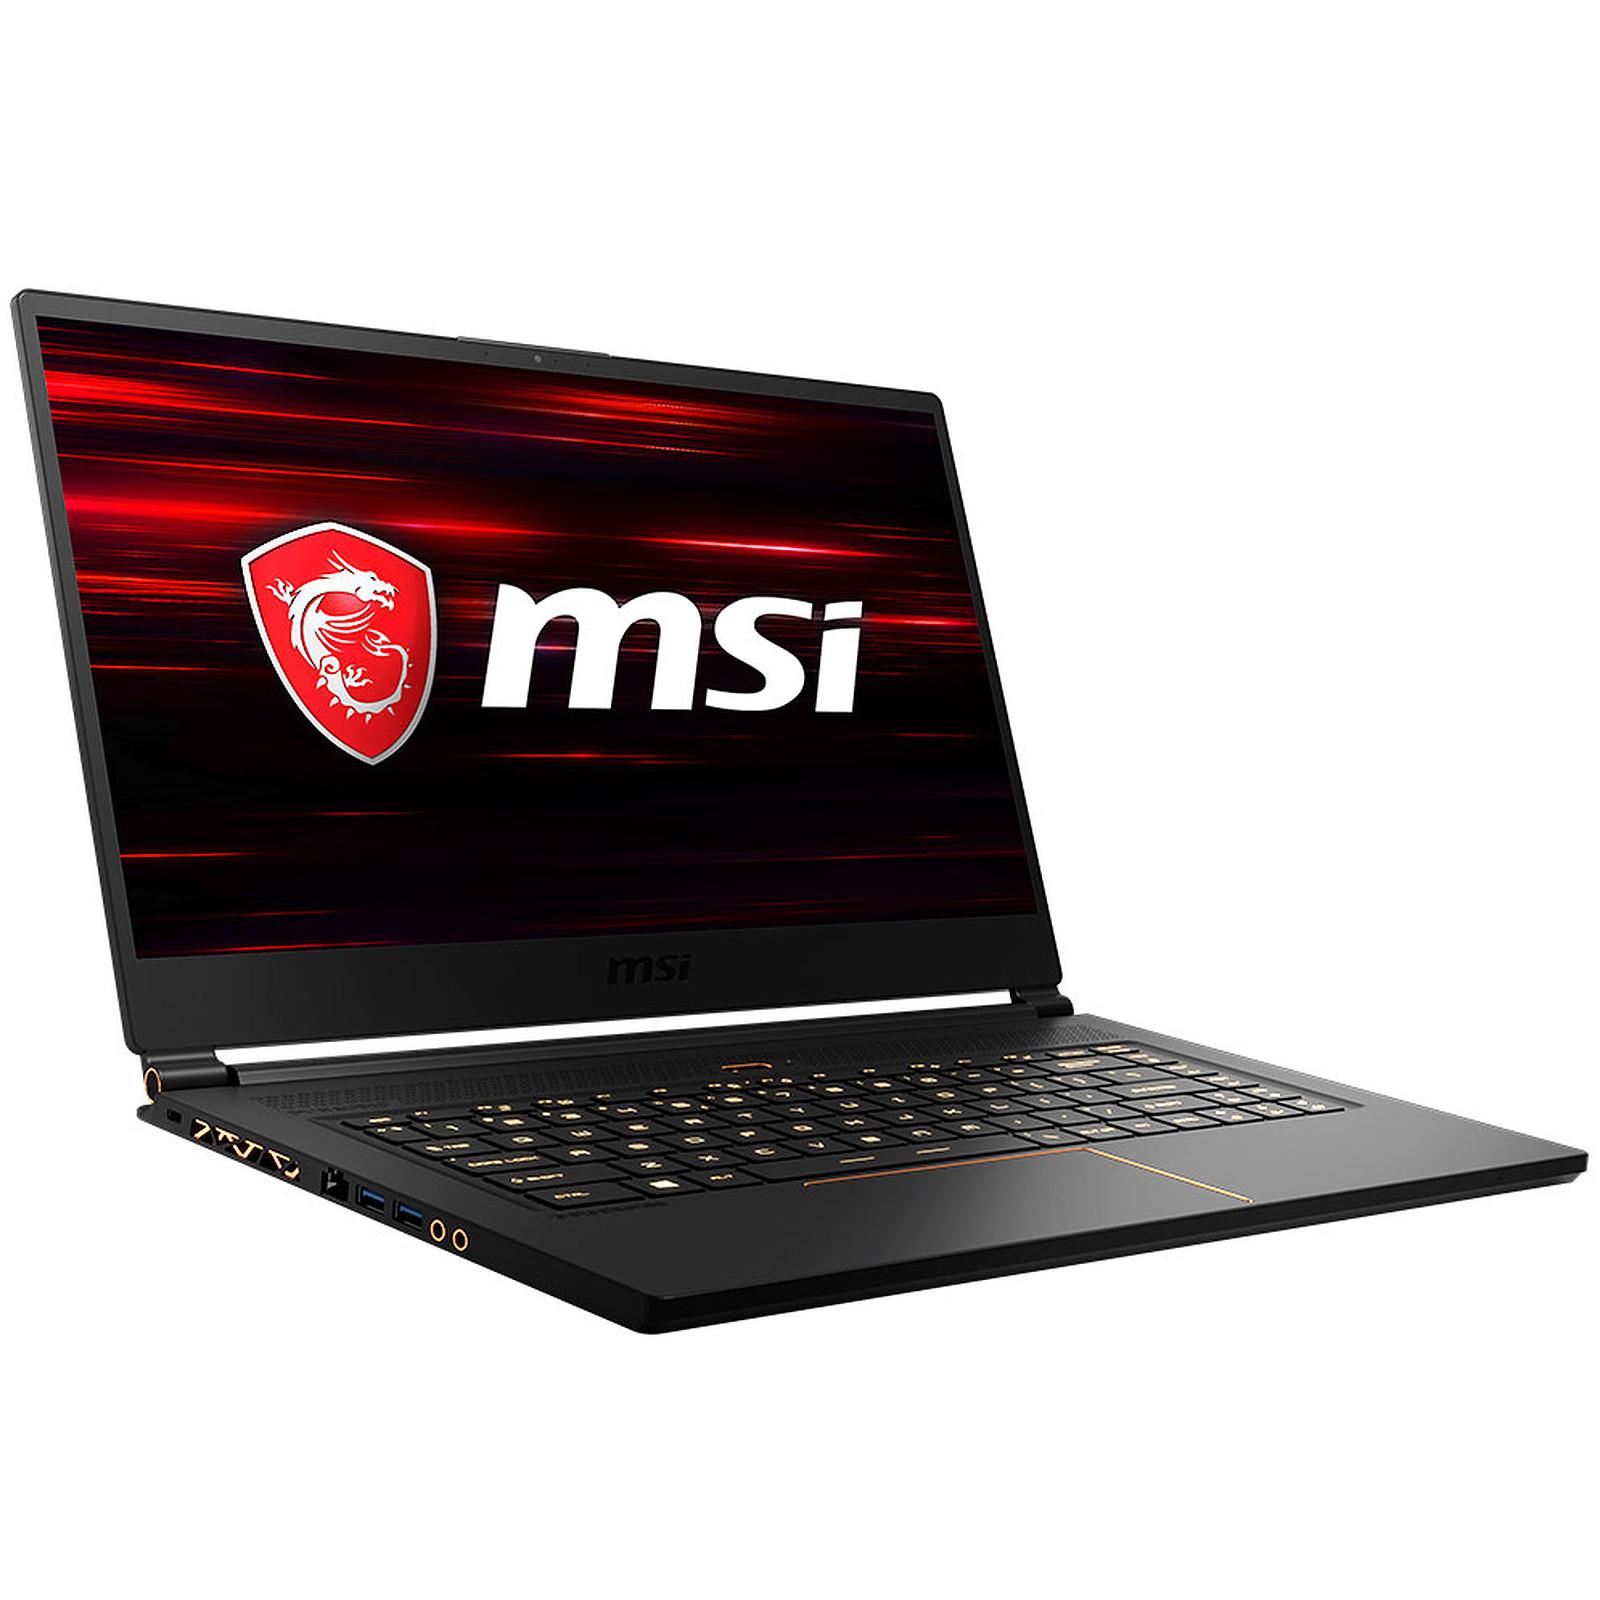 MSI GS65 Stealth Thin 9SG-637FR